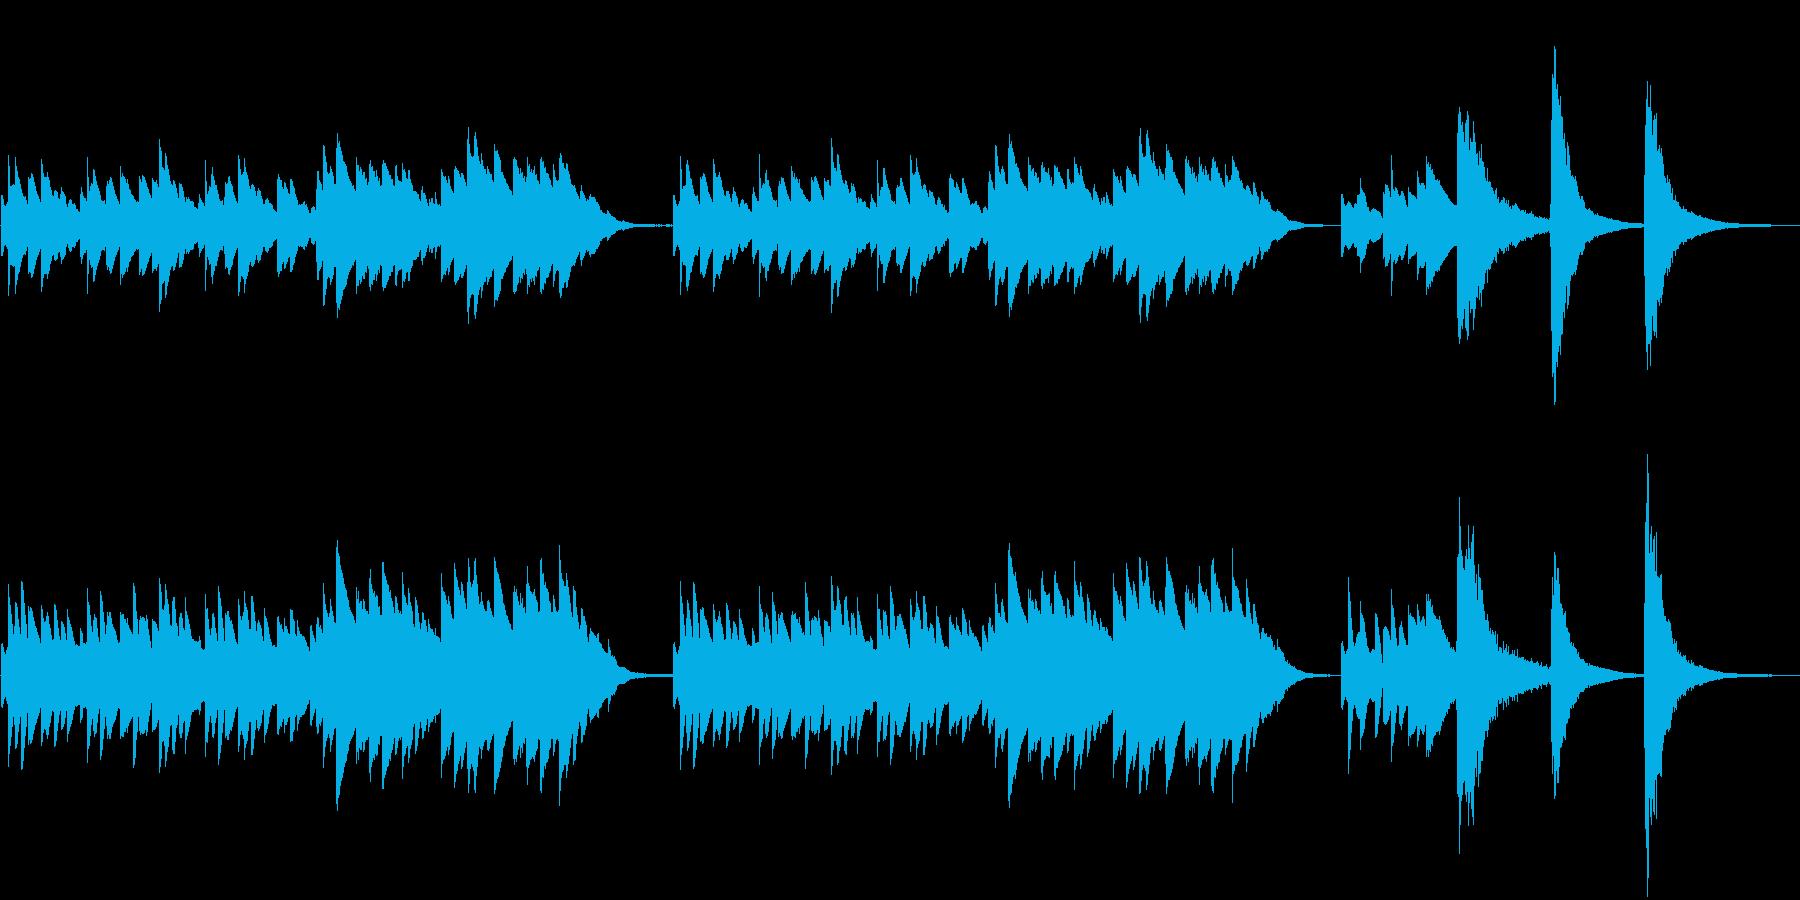 オルゴールメイン和風ホラーBGMの再生済みの波形